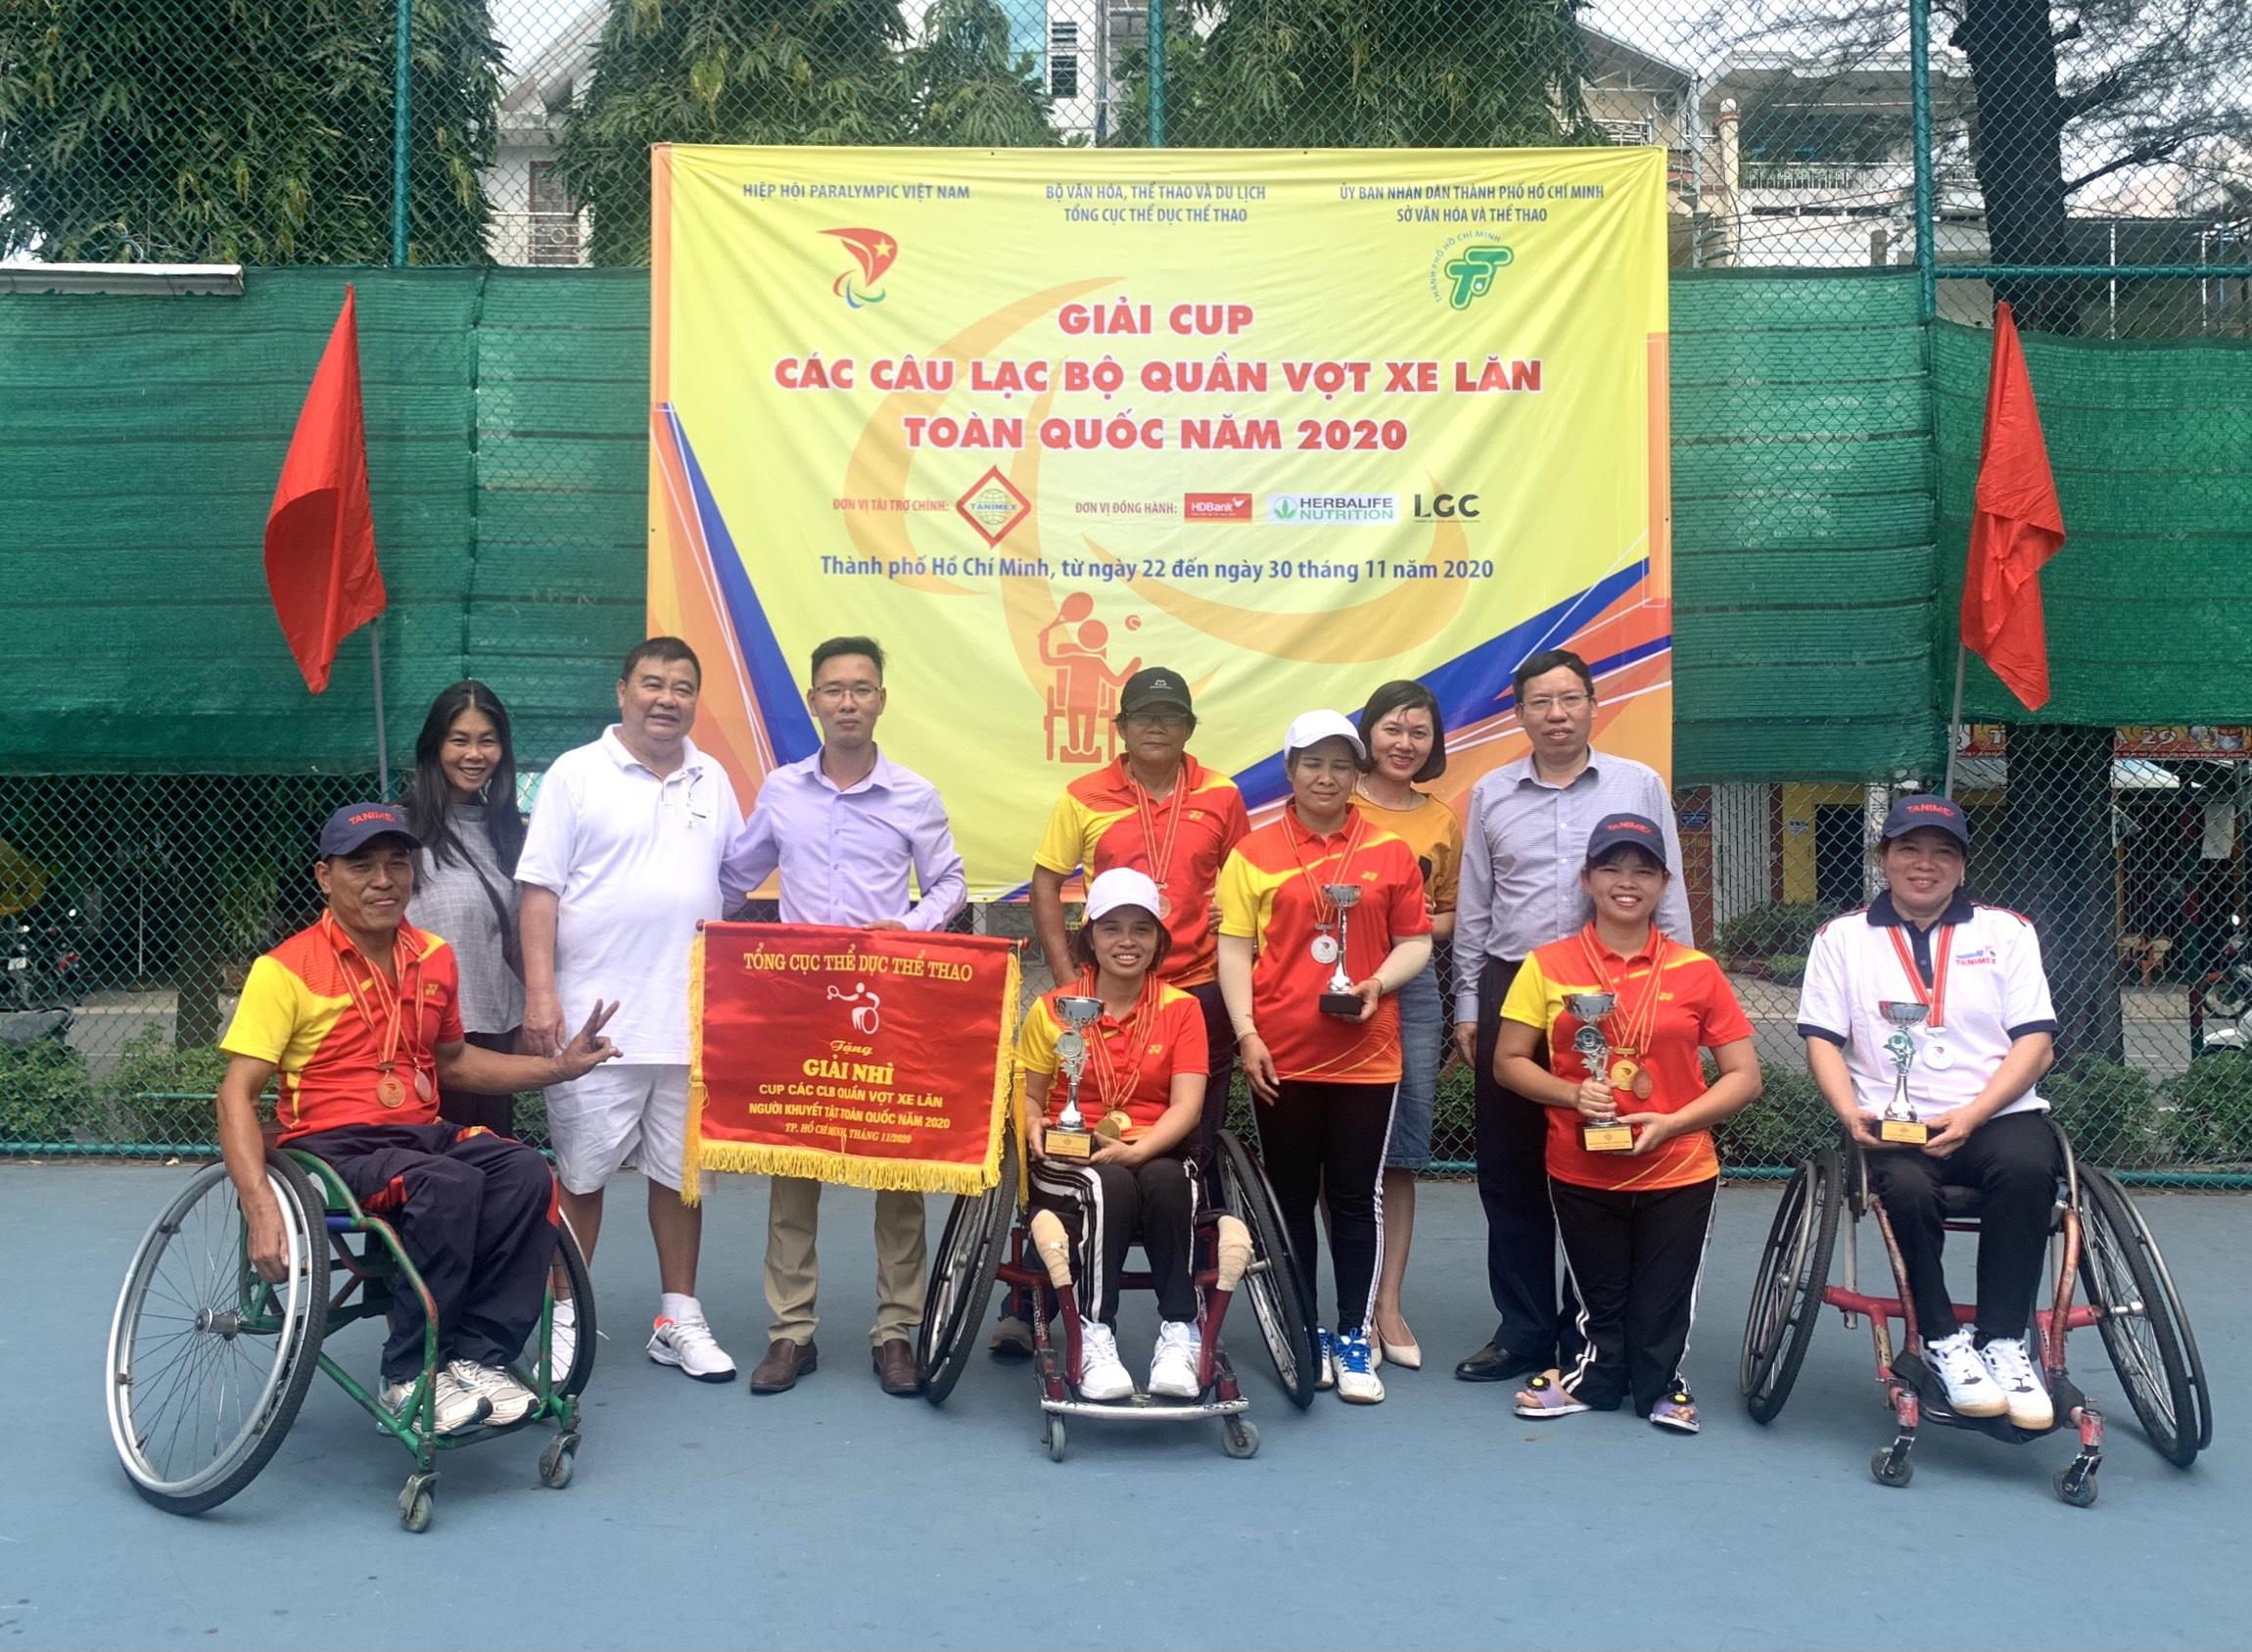 Hình ảnh: Kết thúc giải các CLB quần vợt xe lăn Toàn quốc - Cúp Tanimex 2020: Ngập tràn niềm vui số 2